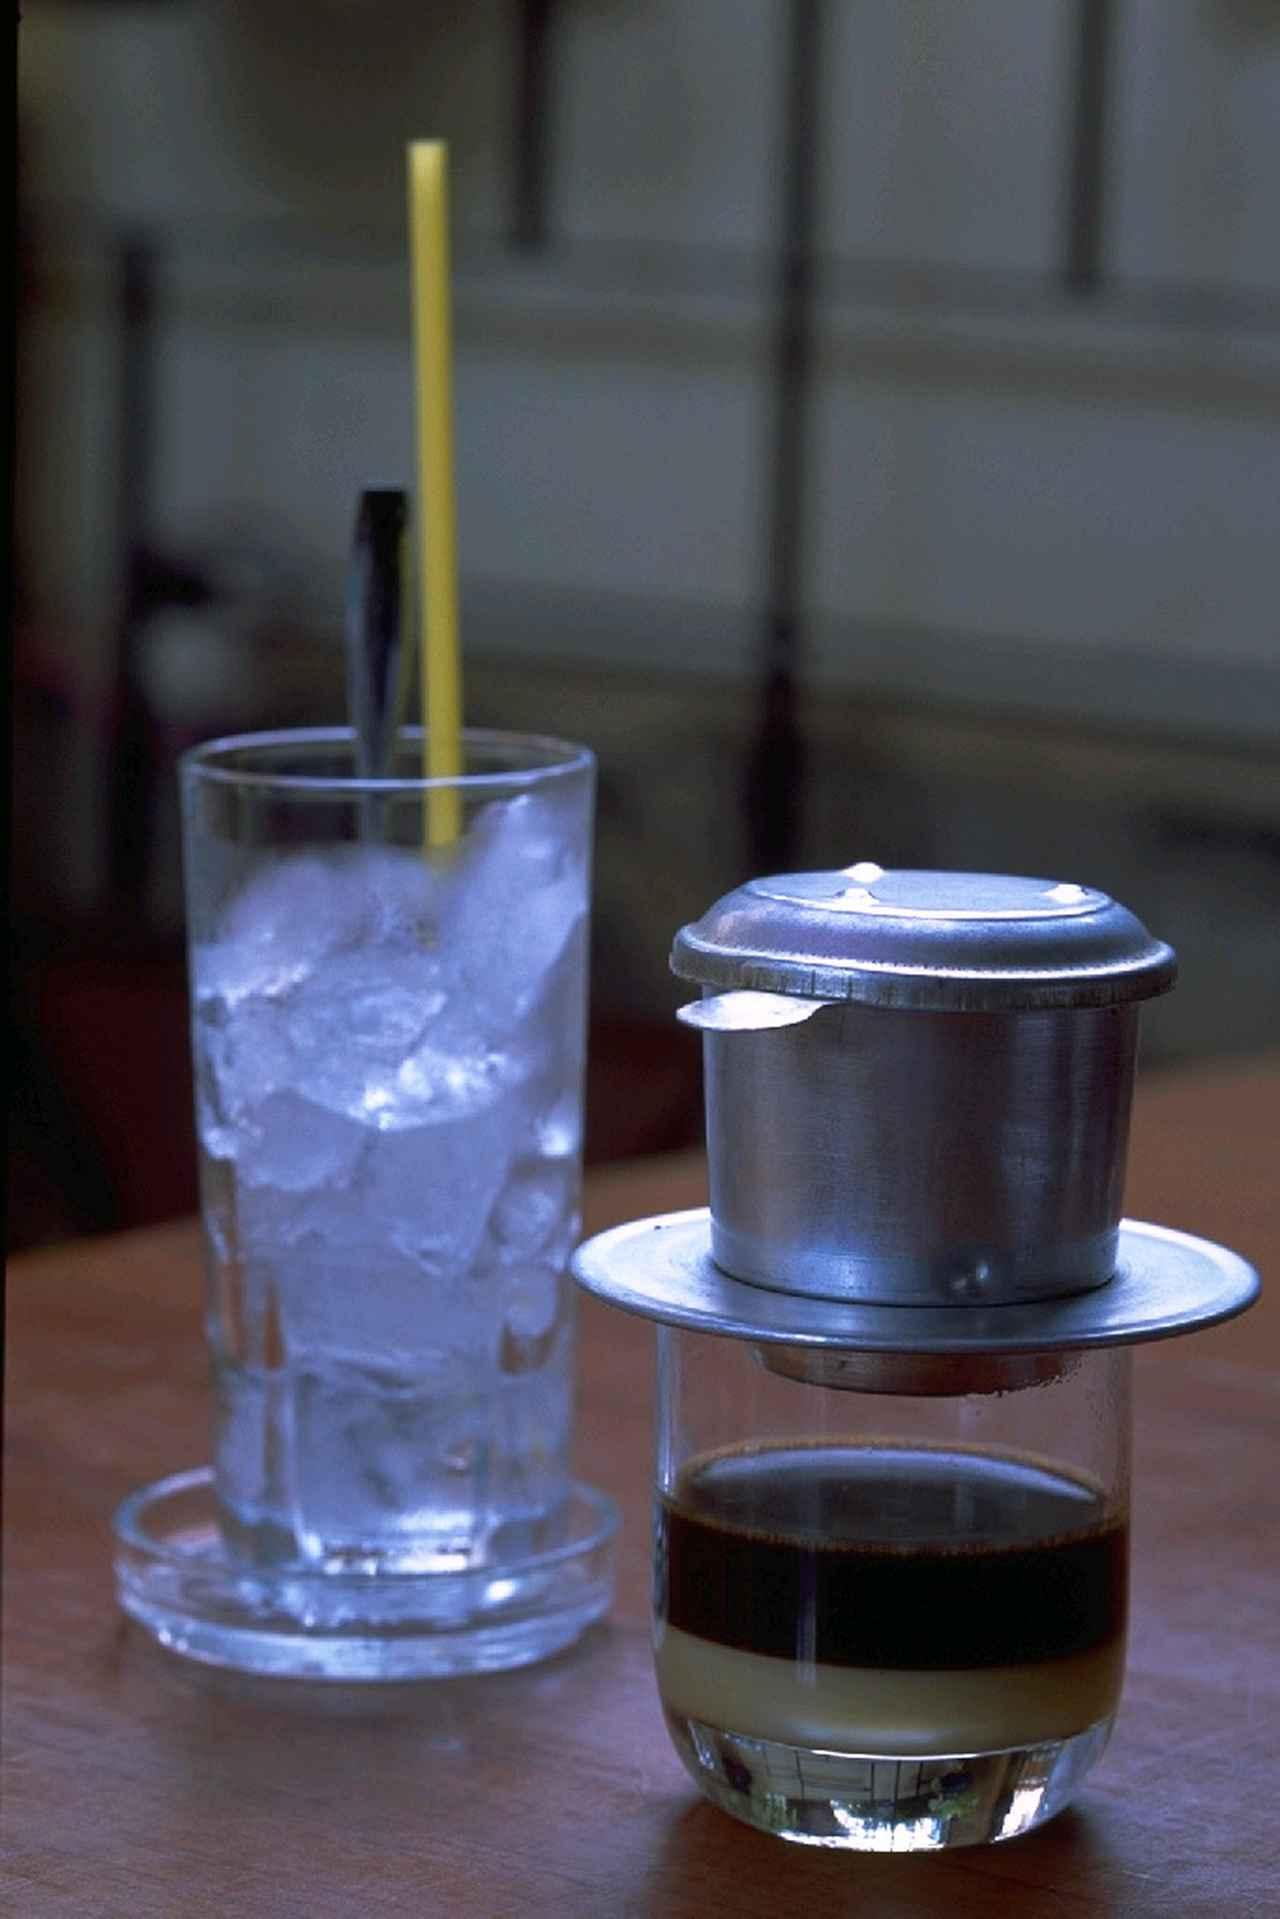 画像: アイスベトナムコーヒー(イメージ)